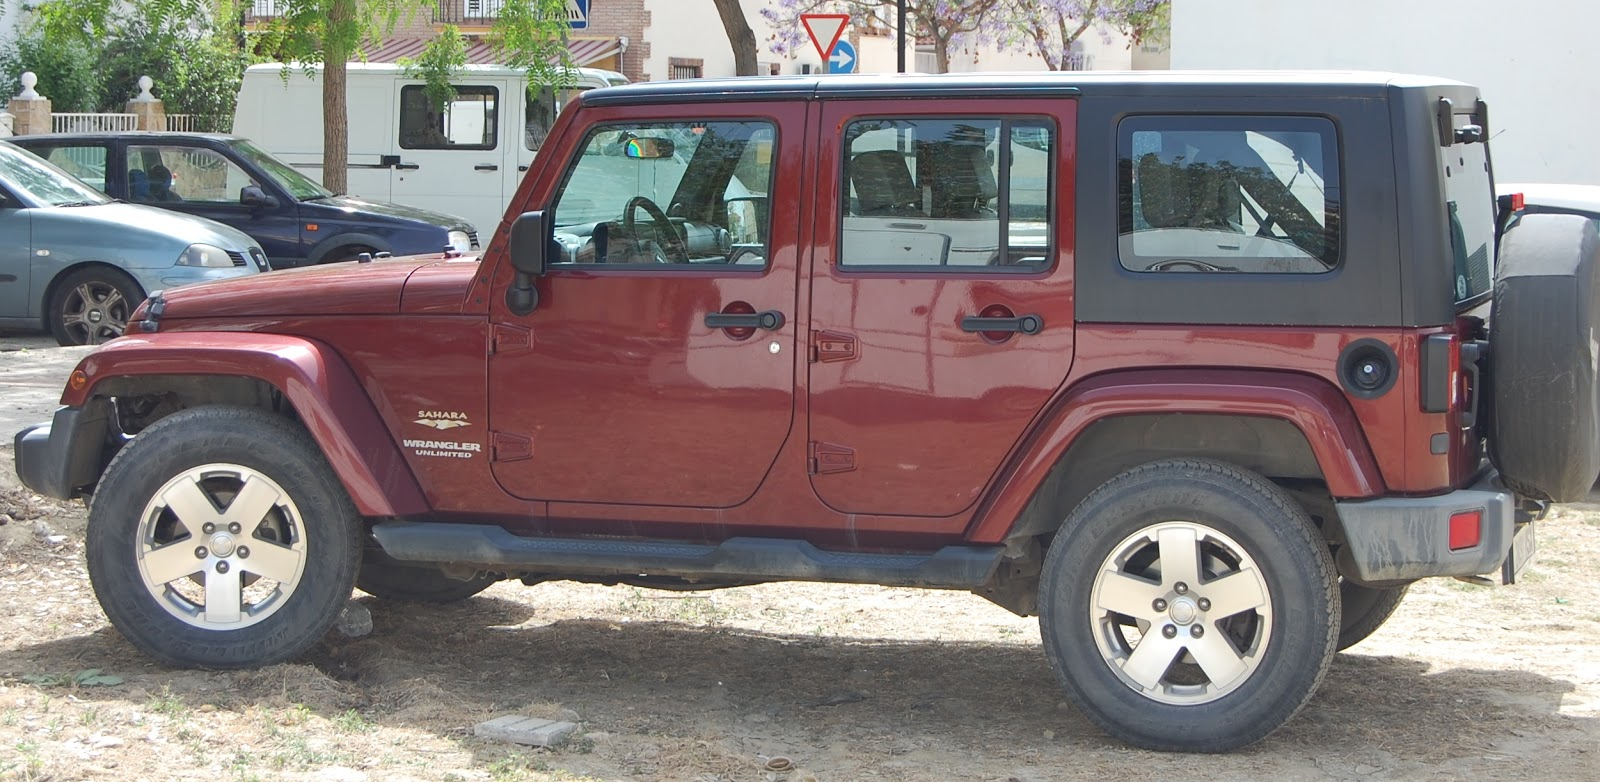 digame for sale wrangler unlimited sahara 4 door jeep. Black Bedroom Furniture Sets. Home Design Ideas